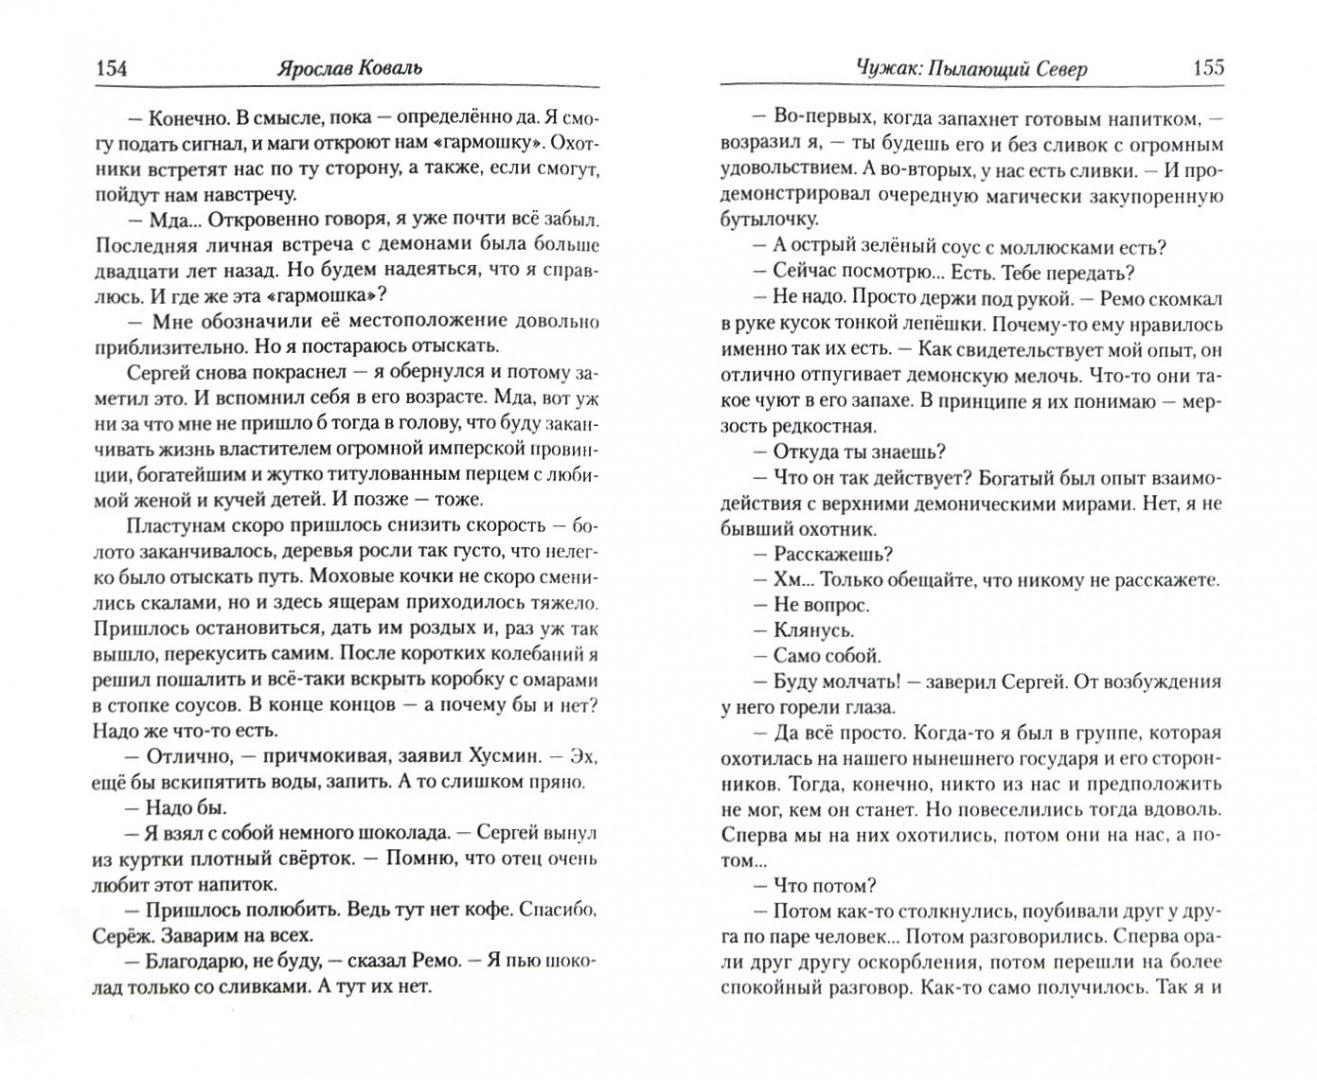 Иллюстрация 1 из 5 для Чужак: Пылающий Север - Ярослав Коваль | Лабиринт - книги. Источник: Лабиринт